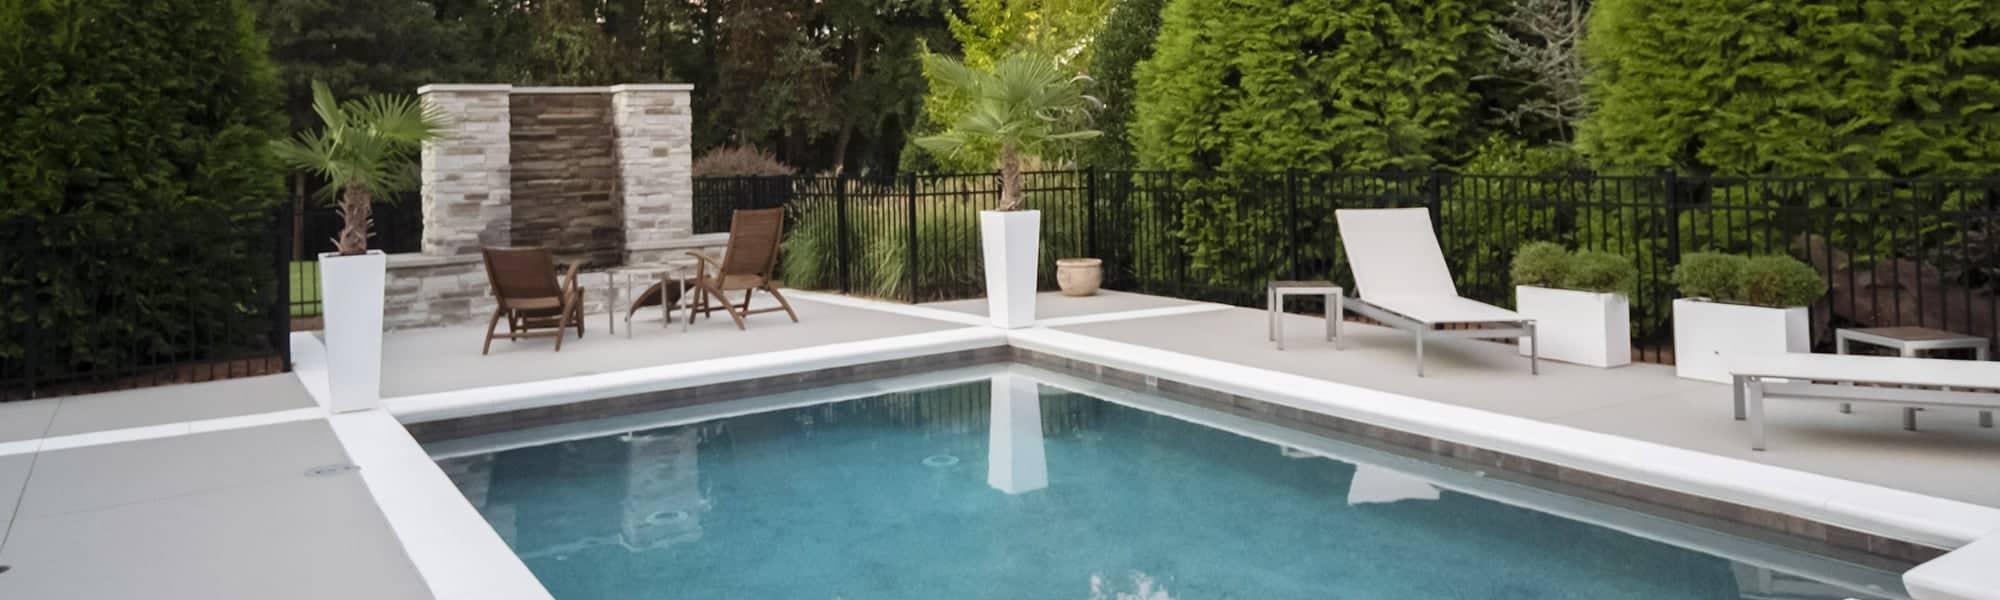 piscine chauffage solaire écologique